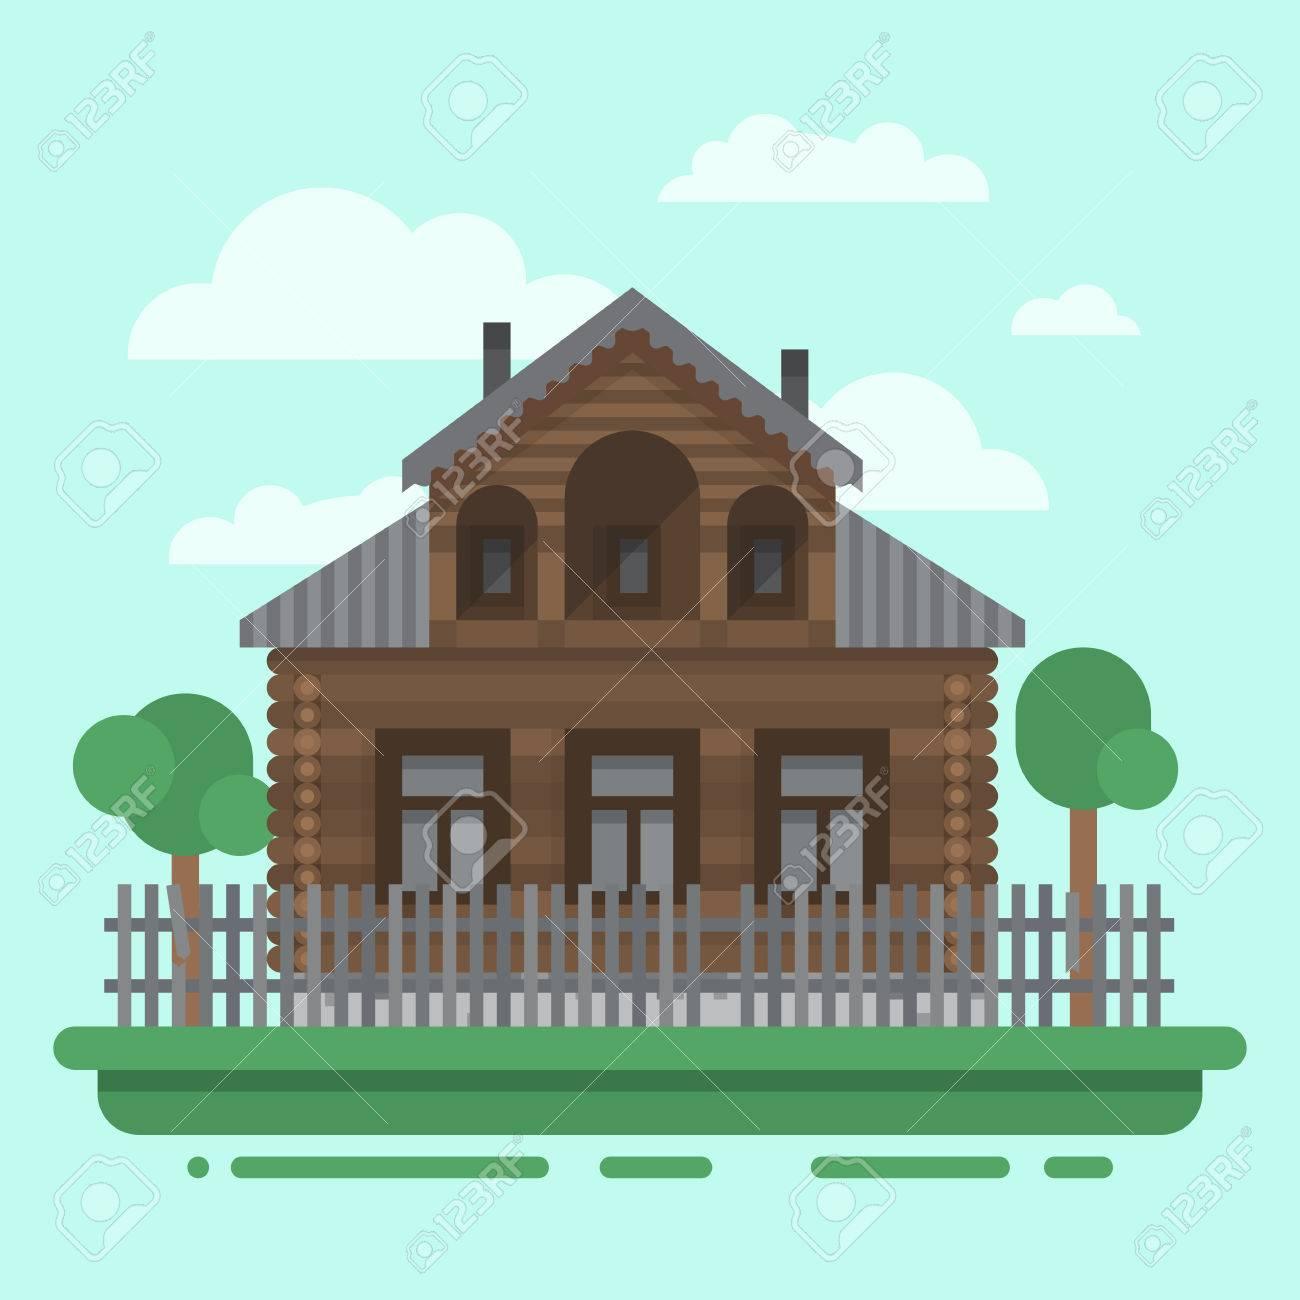 Amüsant Russisches Holzhaus Dekoration Von Country Brawn Mit Bäumen Und Zaun. Buntes